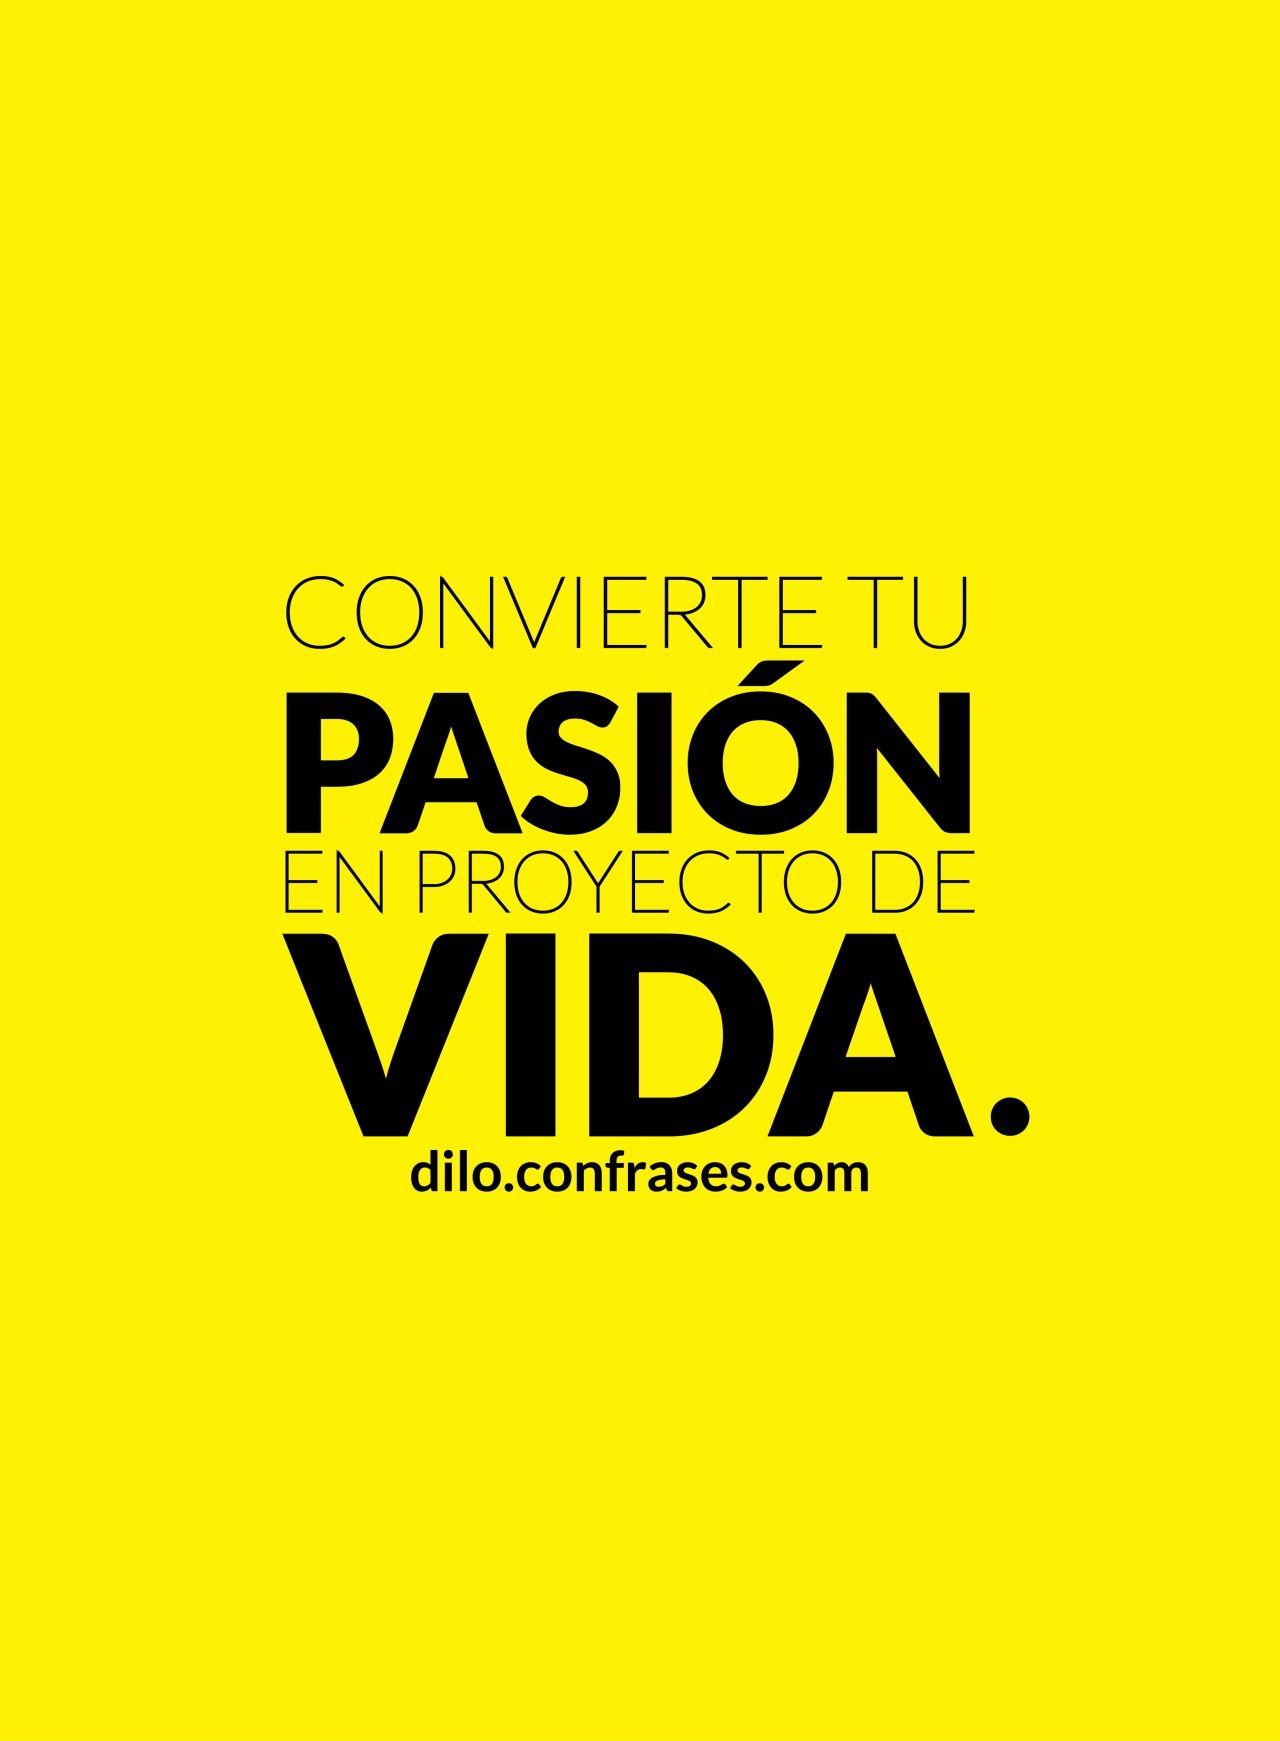 Convierte Tu Pasión En Proyecto De Vida Frases De Diseño